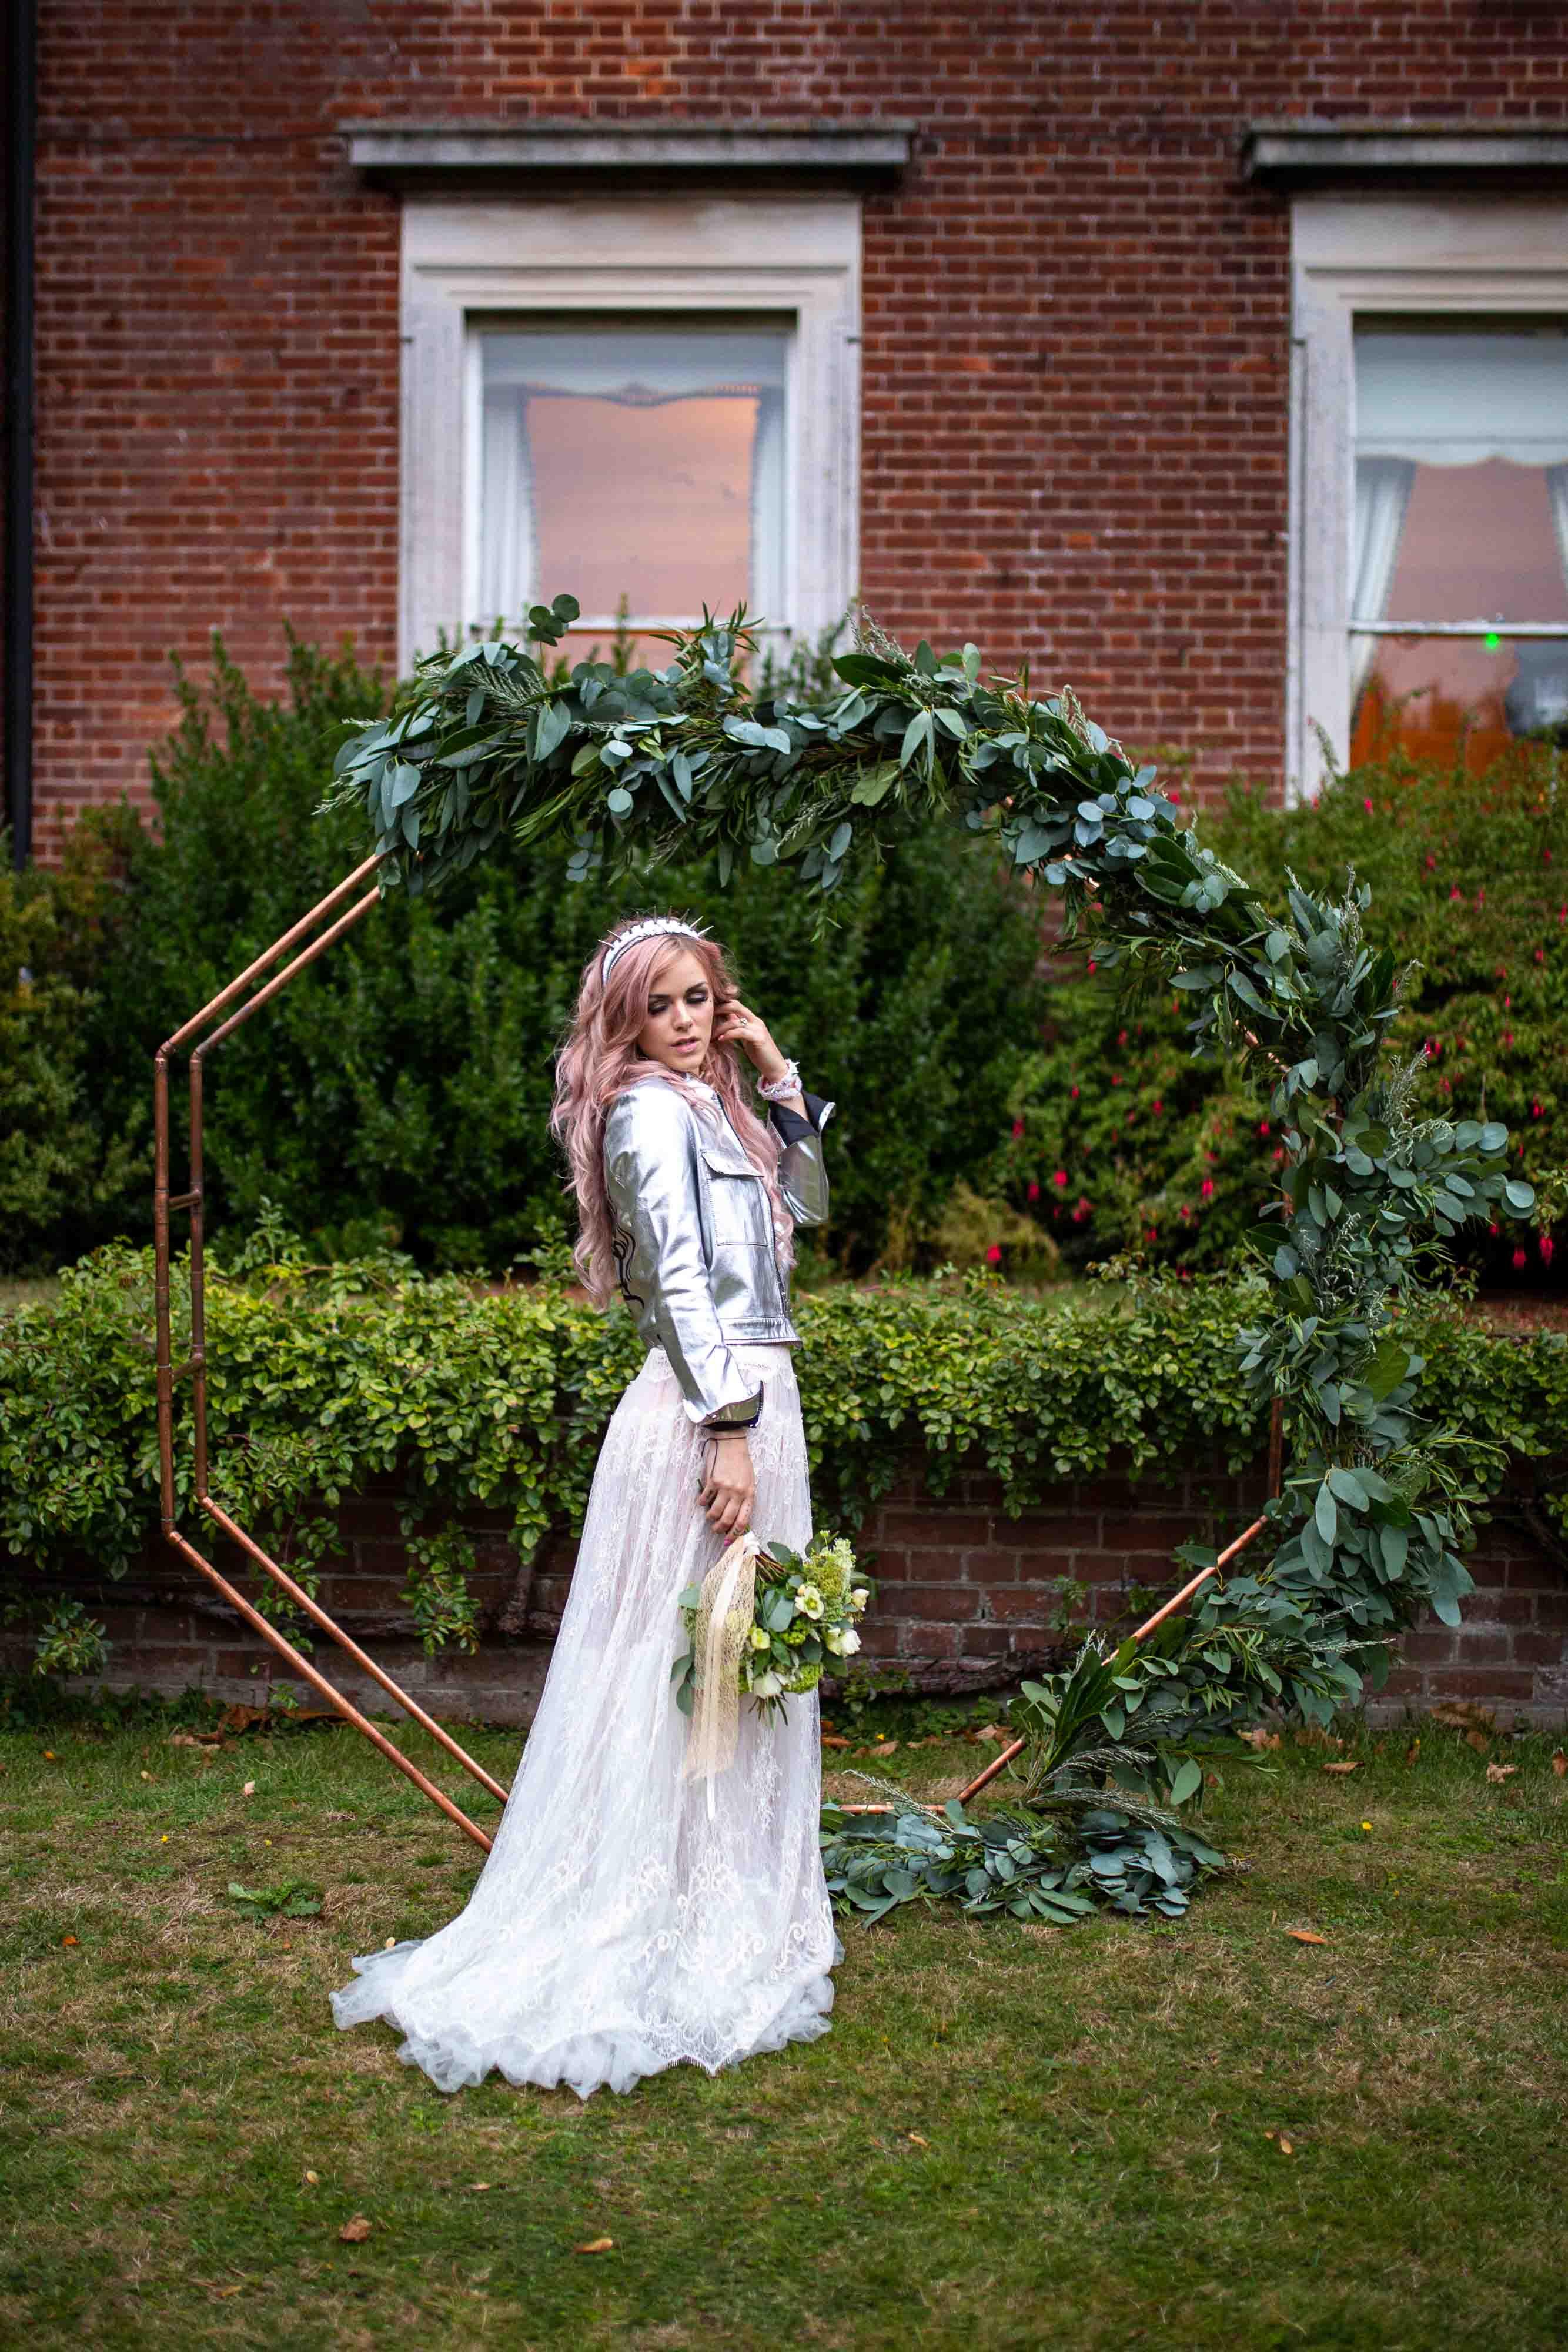 iconic wedding looks- music themed wedding- unconventional wedding- alternative wedding- grunge wedding dress- silver leather jacket- boho wedding backdrop